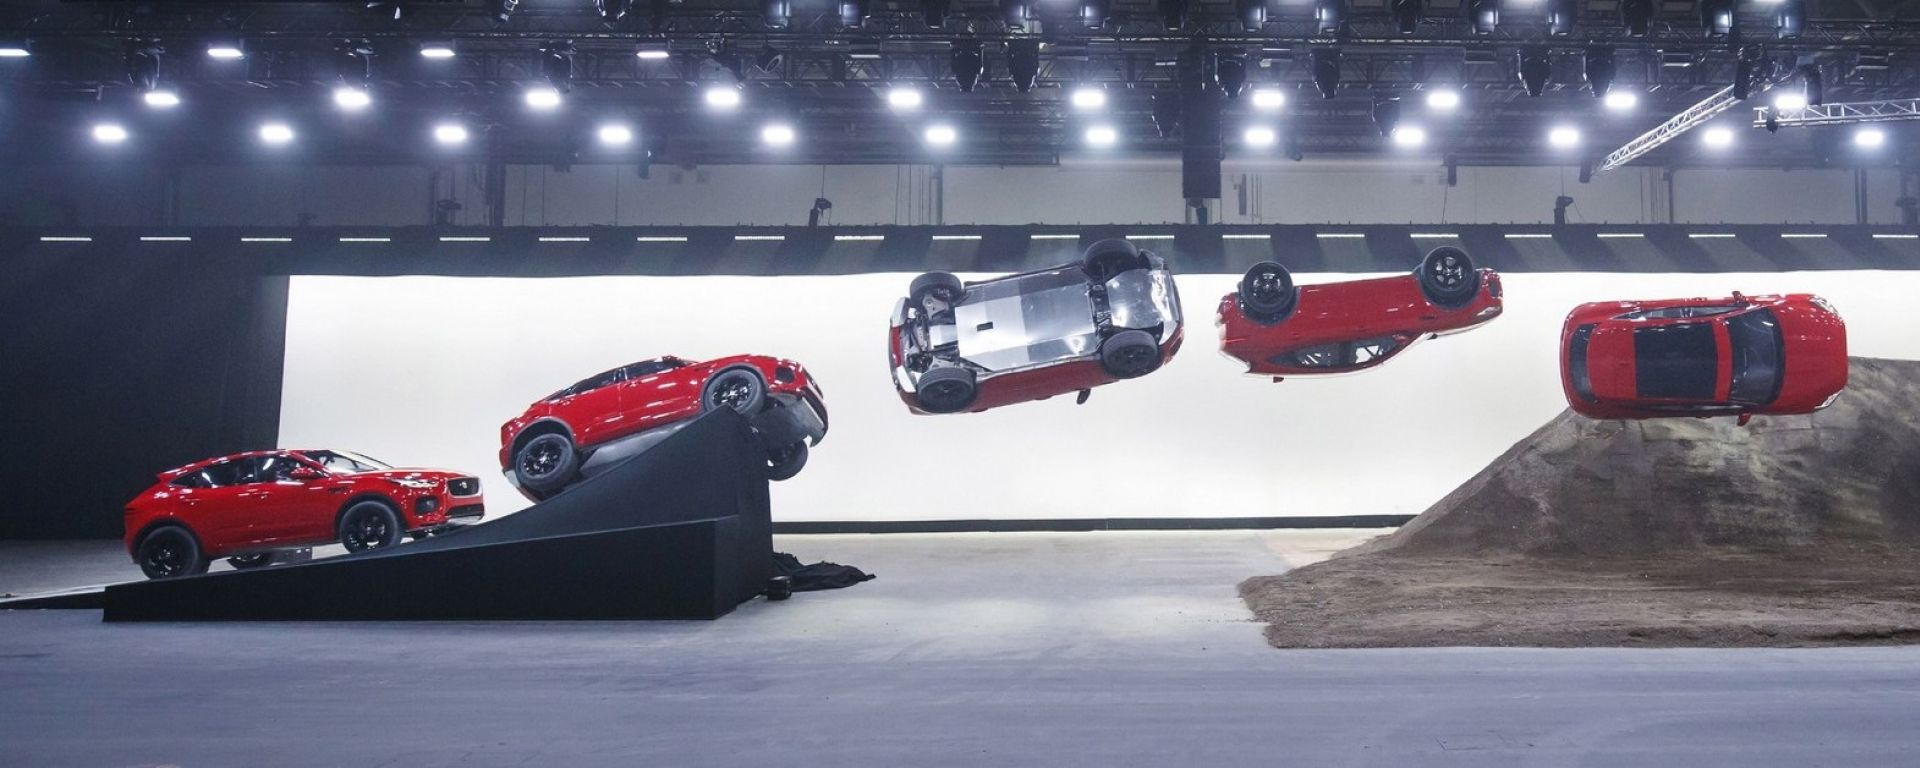 Jaguar E-Pace nel Guinness dei primati per questa acrobazia